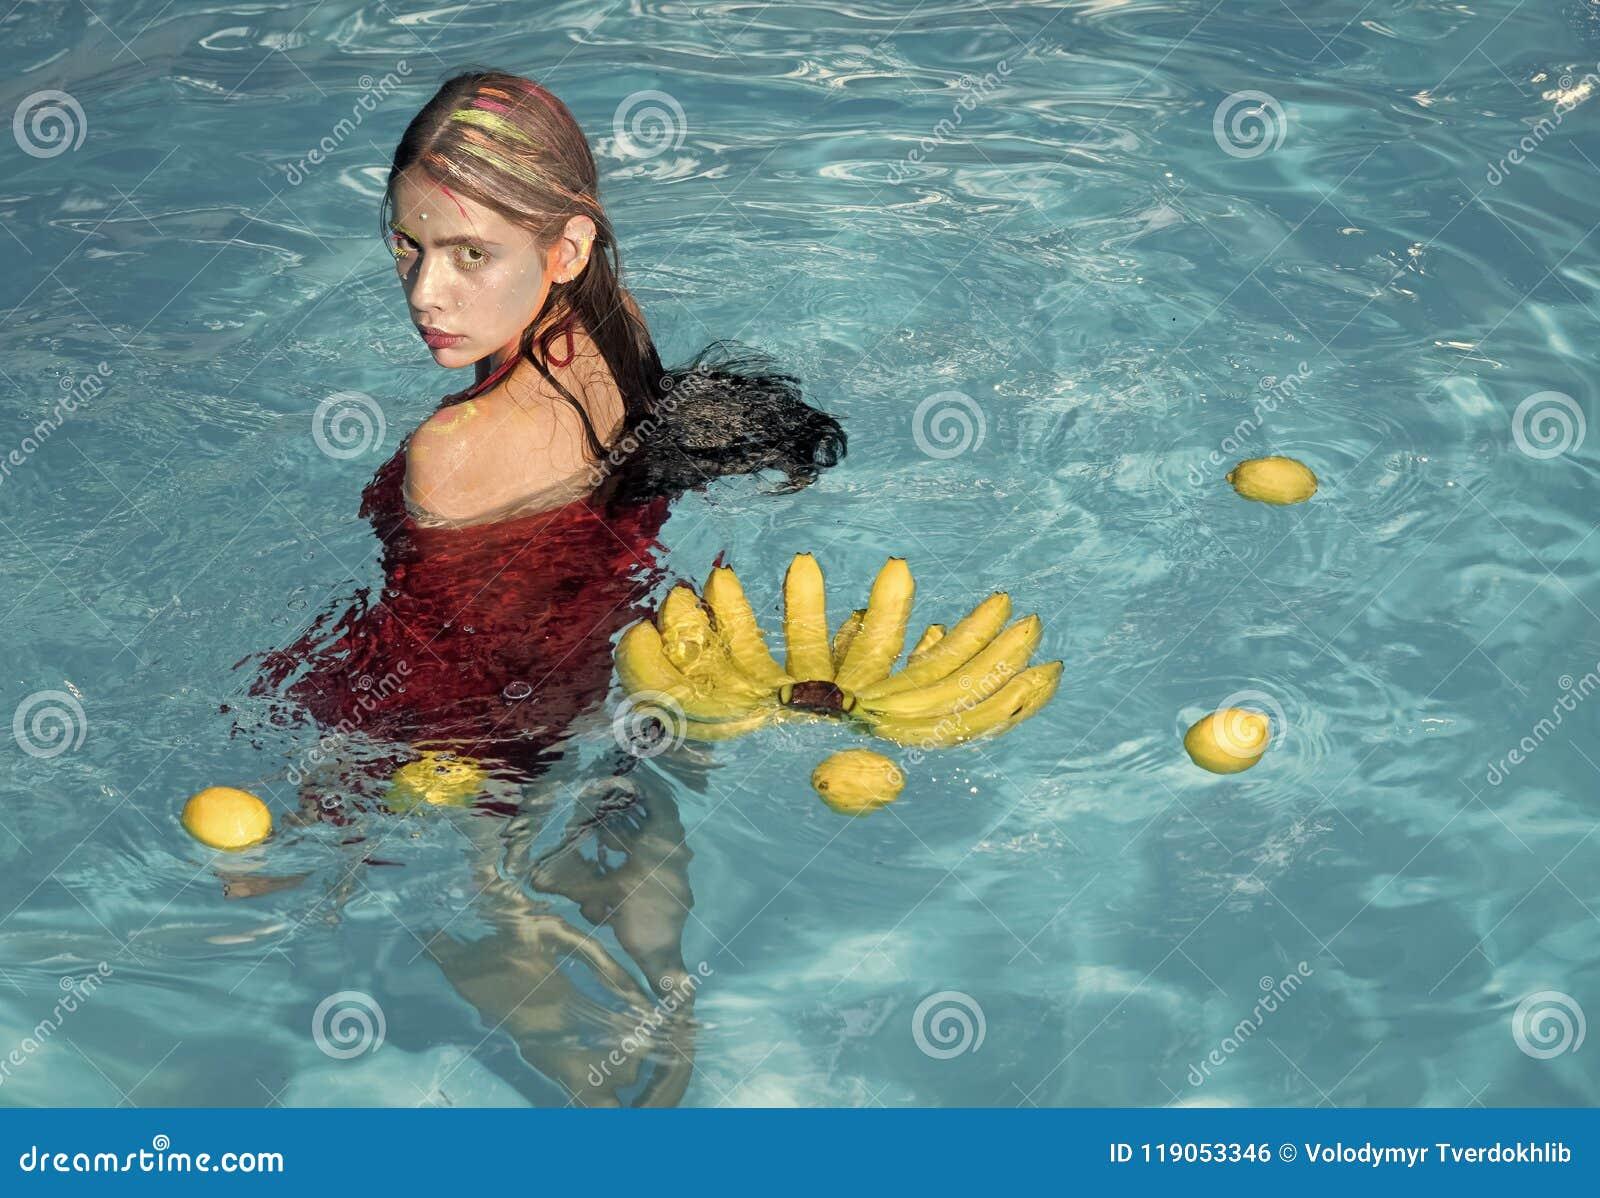 Witaminy i zdrowie Wakacje i podróż ocean Witamina w bananie przy dziewczyną siedzi blisko wody Kobieta relaksuje wewnątrz